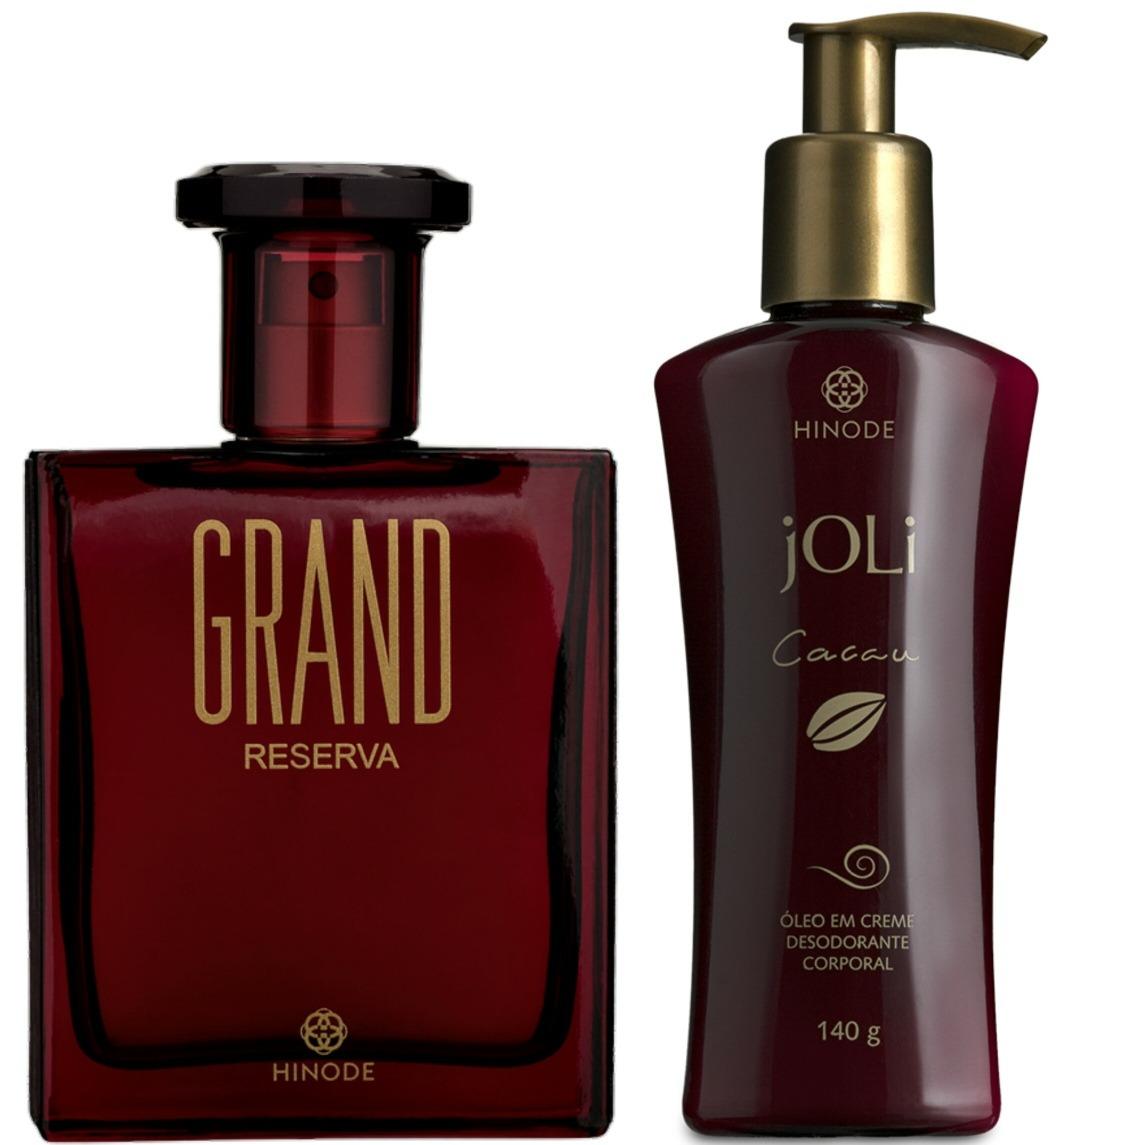 0ba2f9b95 Perfume Grand Reseva + Óleo Em Creme Corporal Cacau - R  184